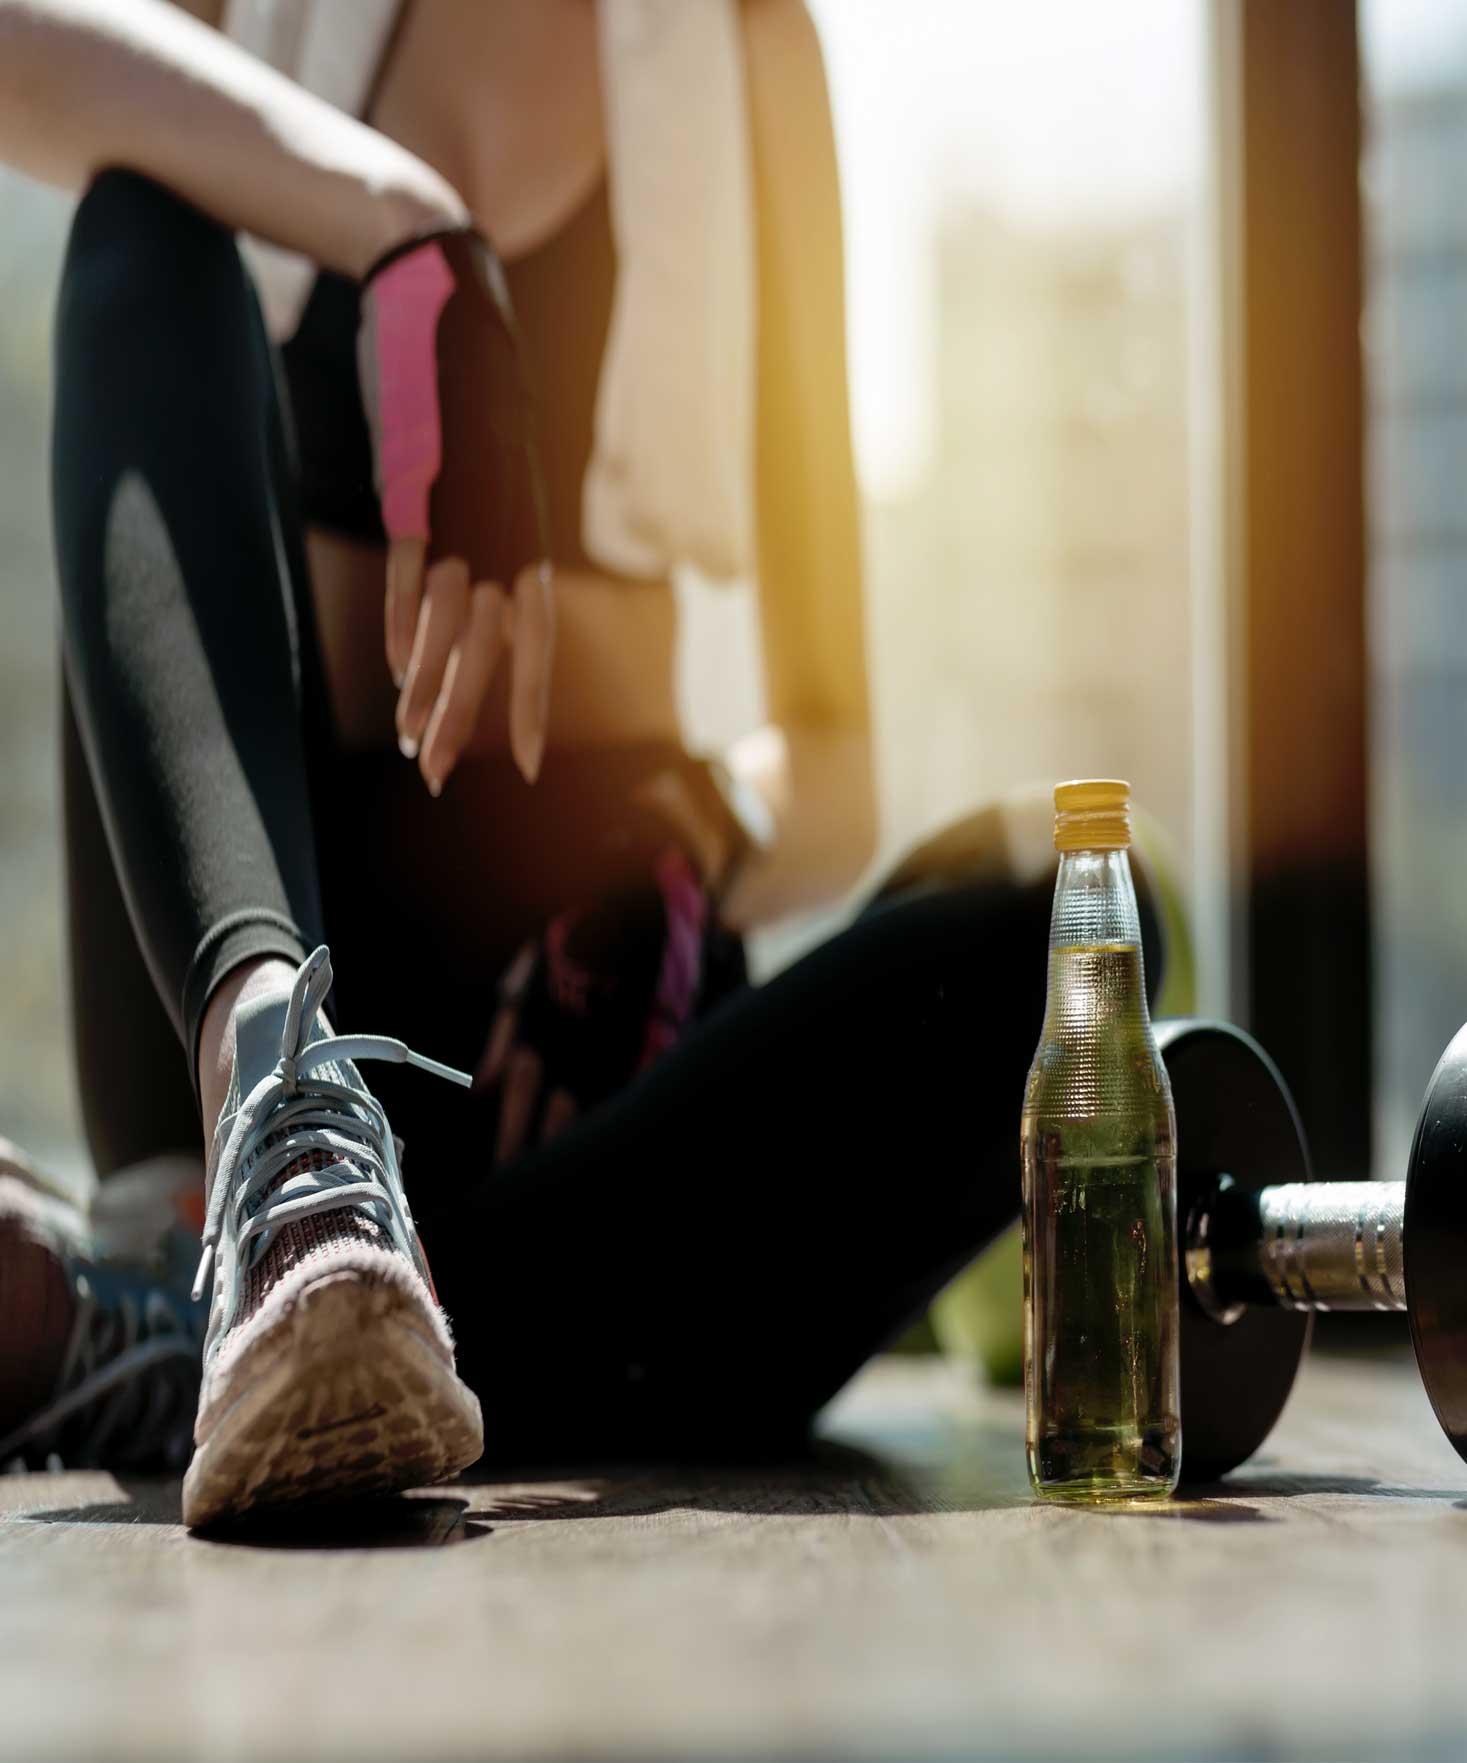 Activité physique : 3 exercices pour commencer en douceur